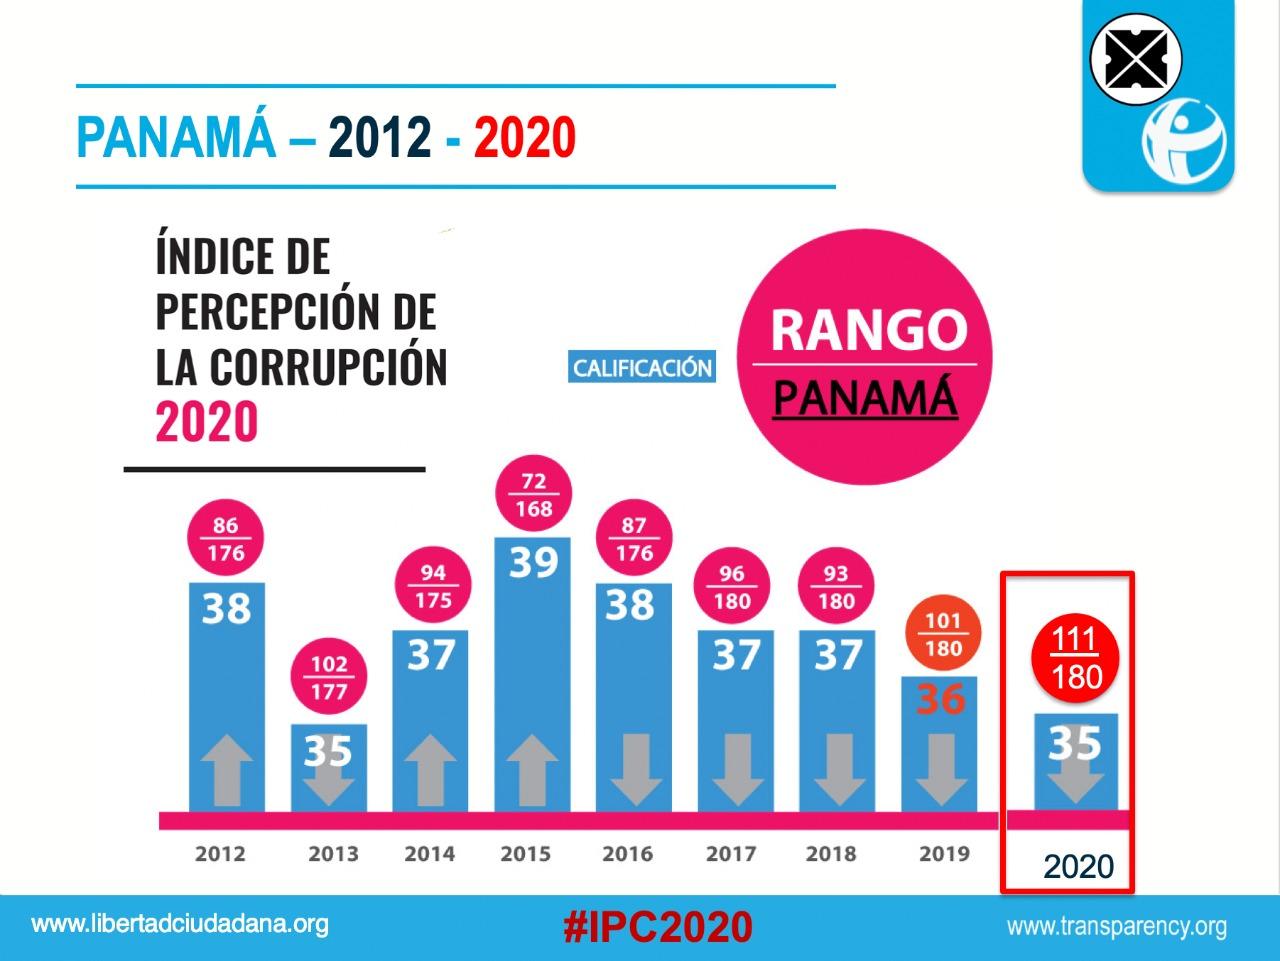 ACTO DE PRESENTACIÓN DE RESULTADOS DEL INDICE DE PERCEPCIÓN DE CORRUPCIÓN IPC 2020. PANAMÁ.